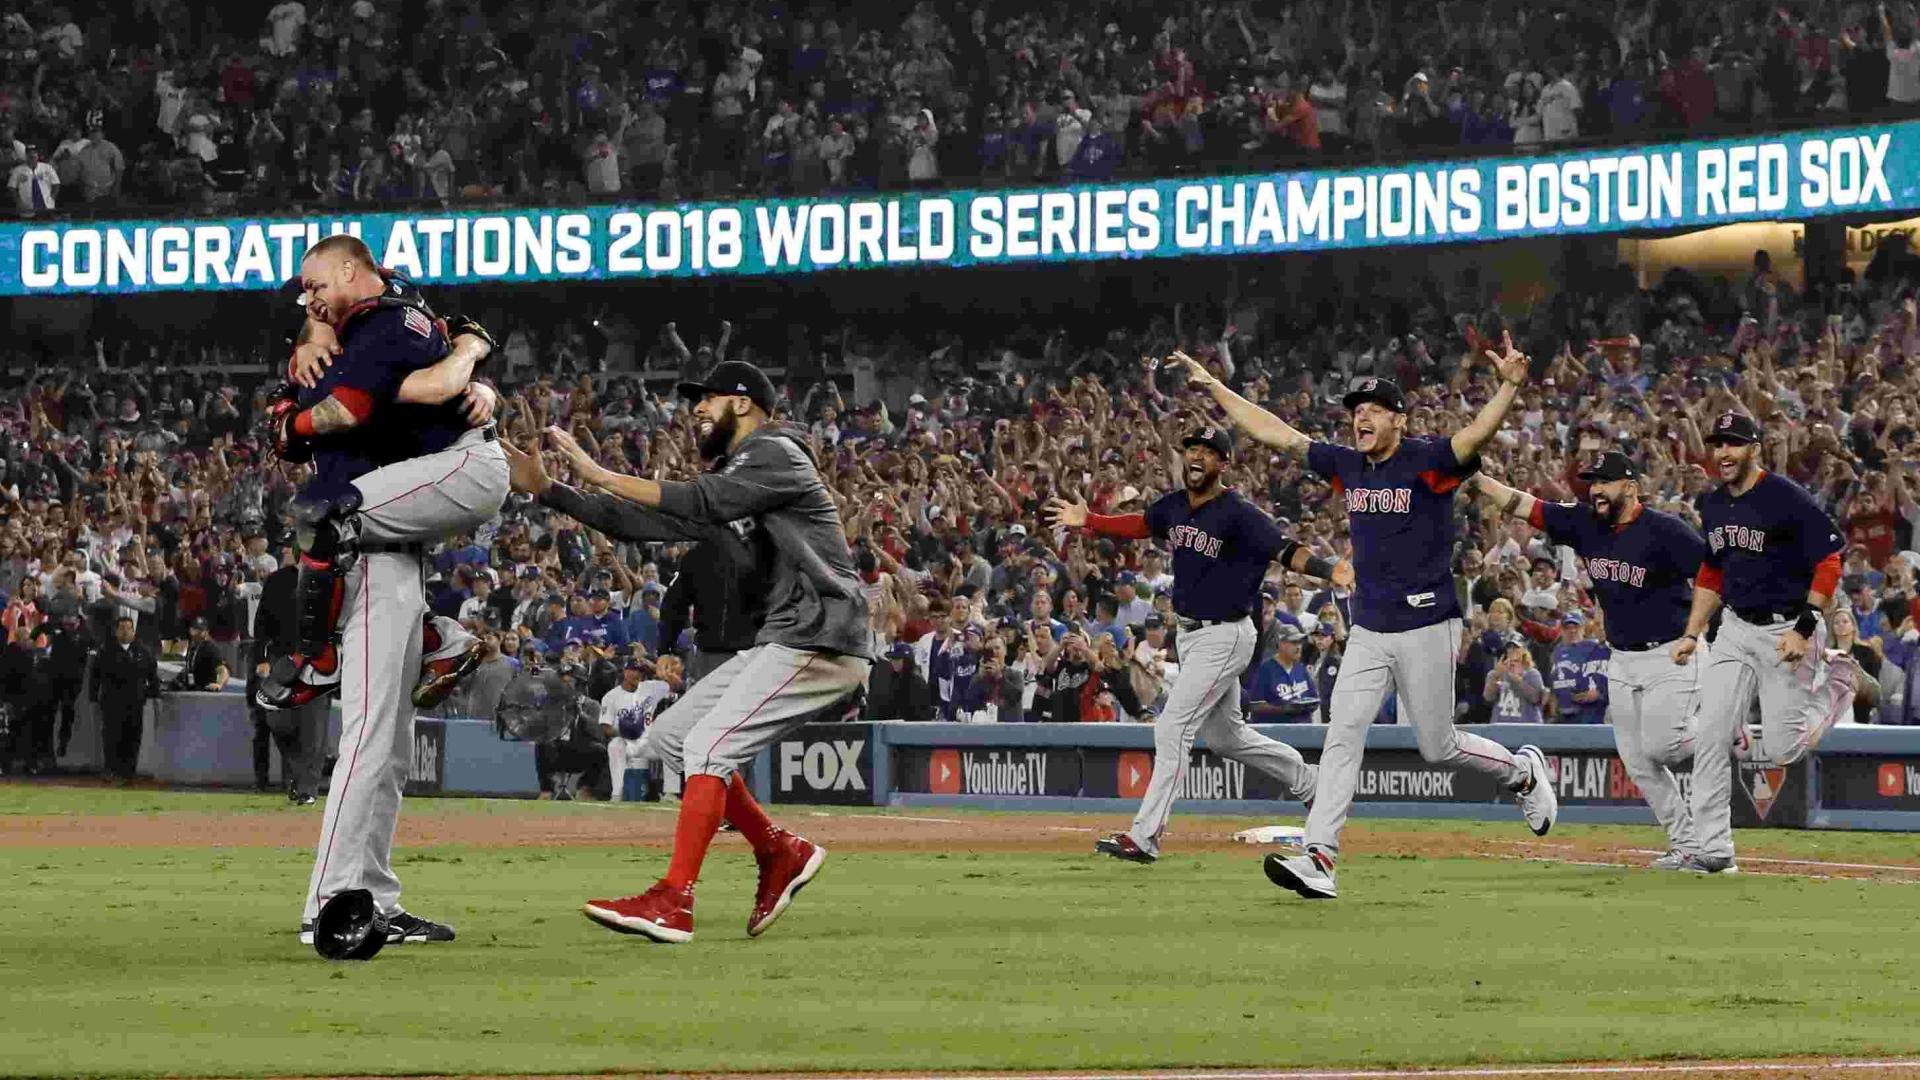 Les Red Sox de Boston pourront-ils répéter leurs exploits de 2018 ?